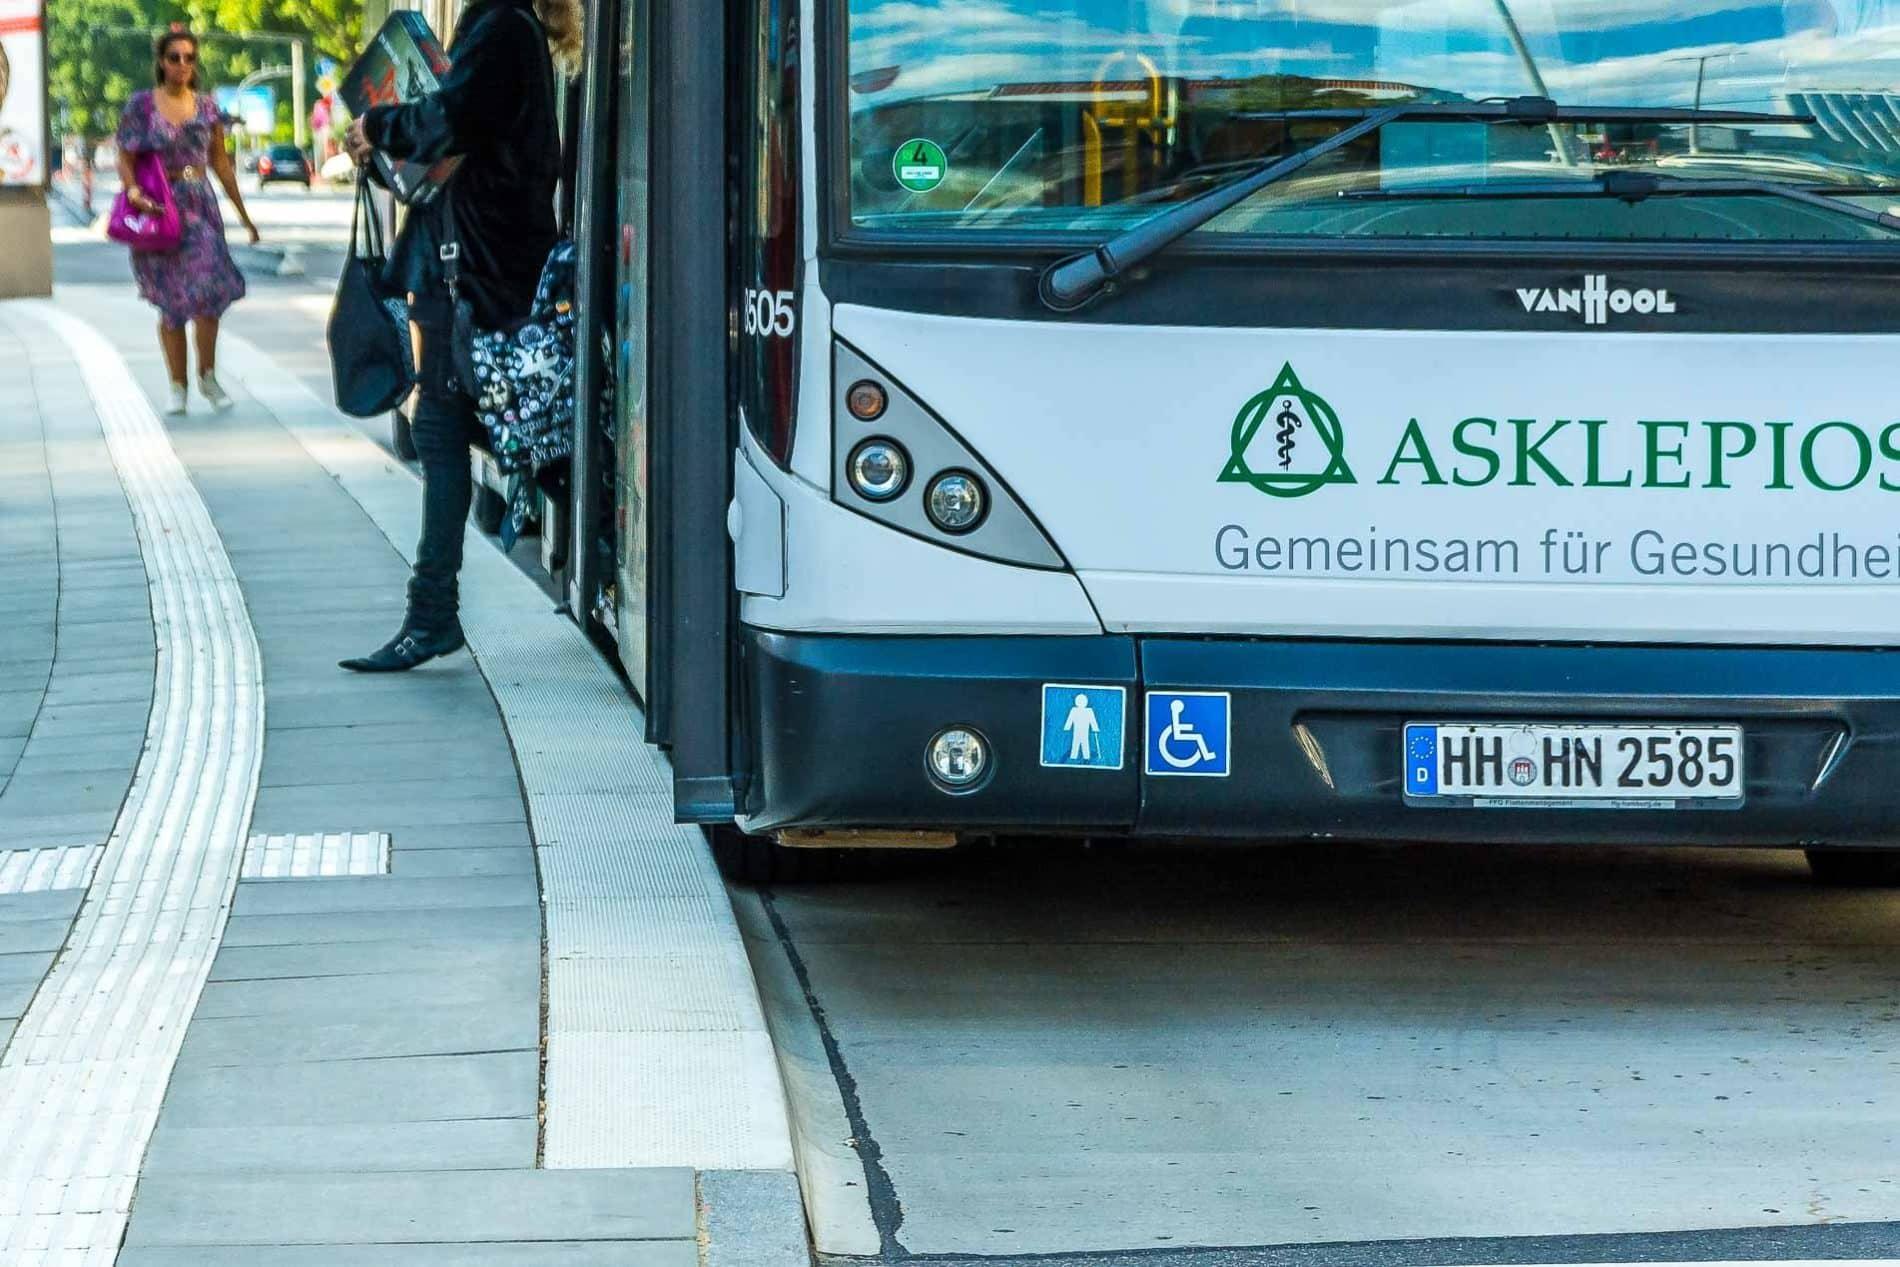 Kasseler Sonderbord: Mit diesem Spezial-Kantstein können Busse besonders nah hernafahren